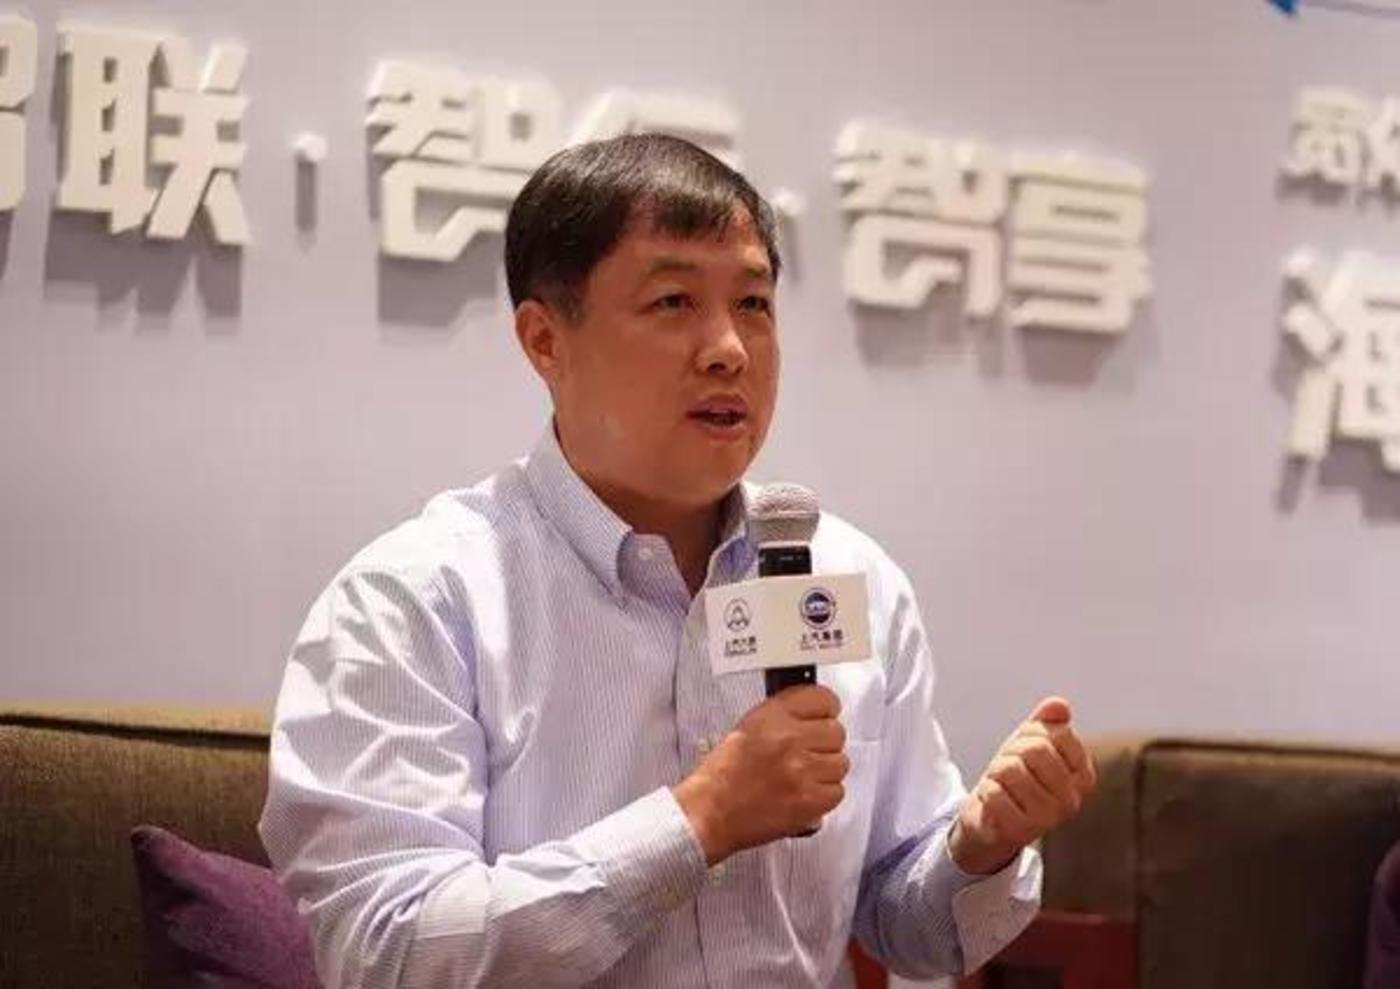 上汽集团副总裁 蓝青松